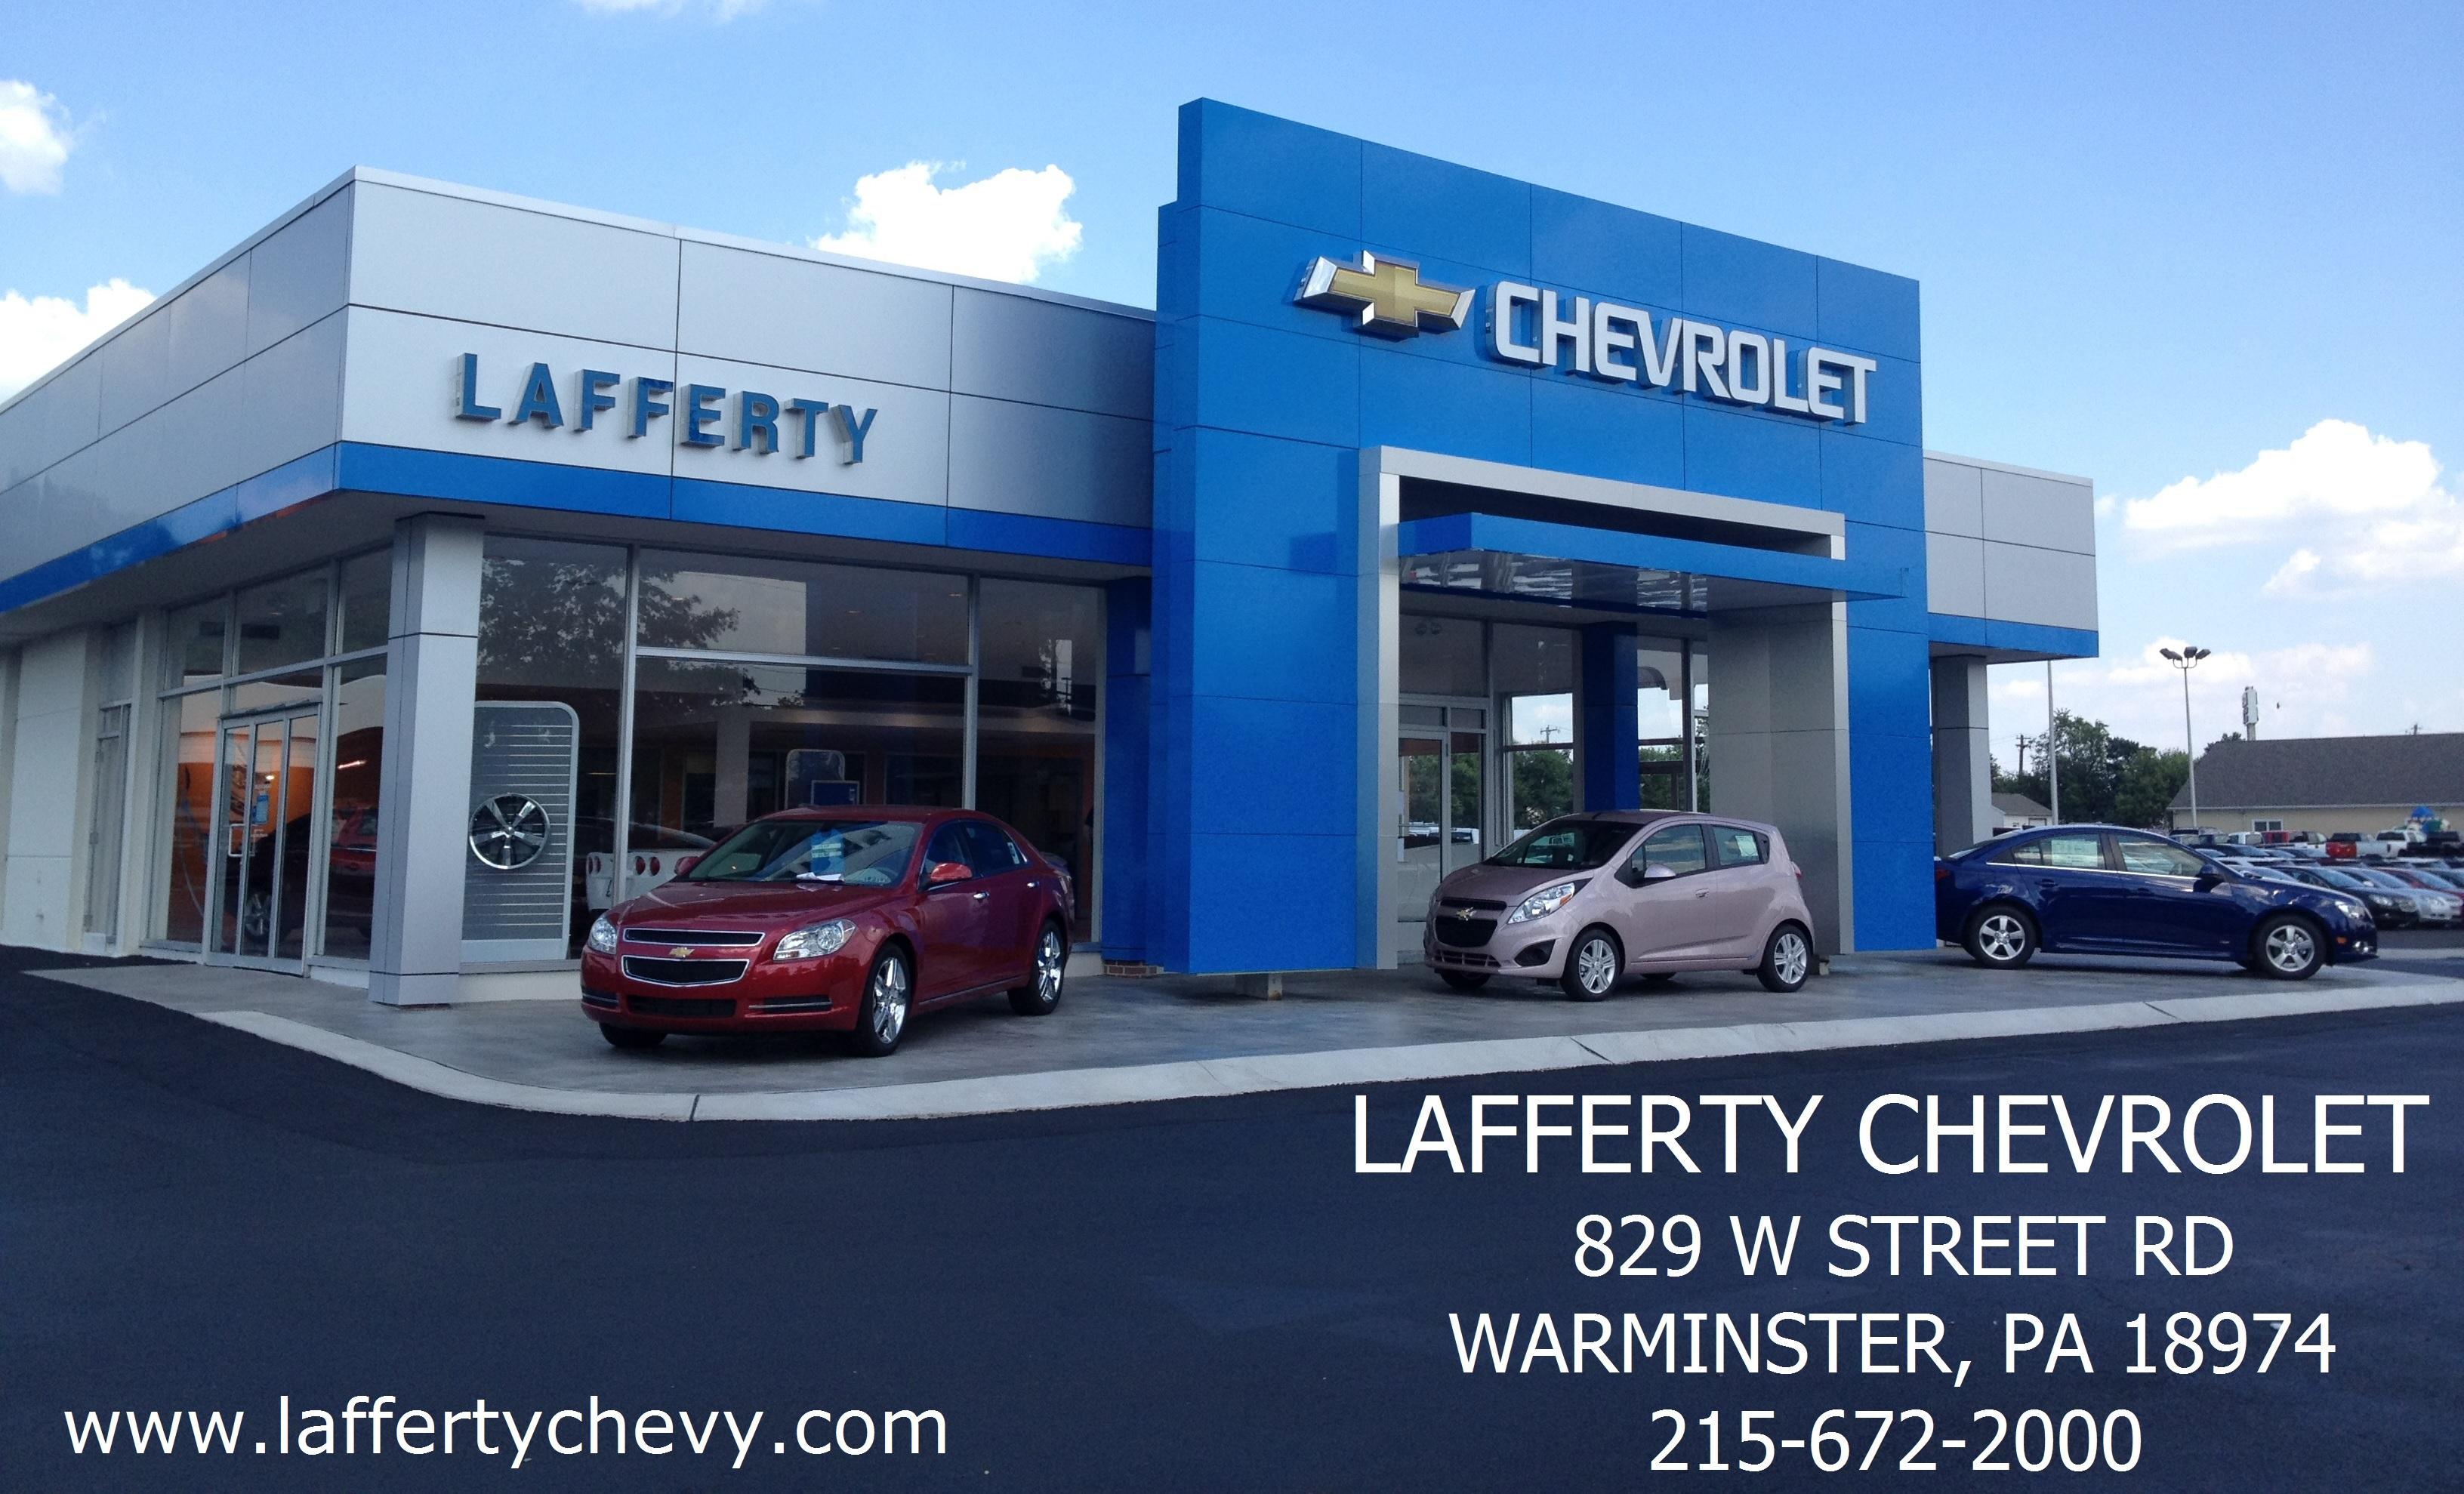 Lafferty